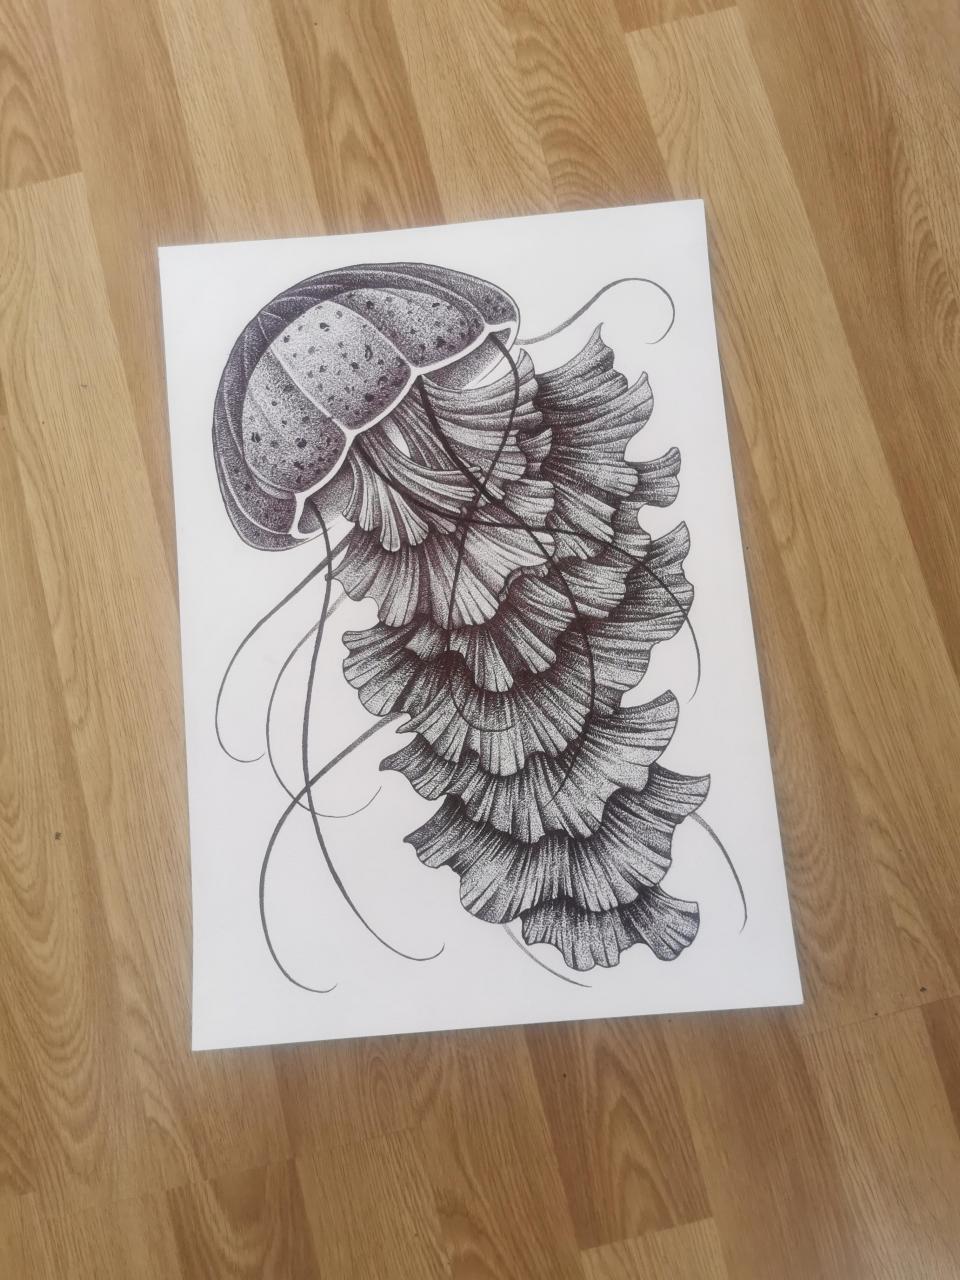 Tattoo design by me at Marda Tattoo Company, Vienna(AT), Brno (CZ) IG:@mancus_tattoo